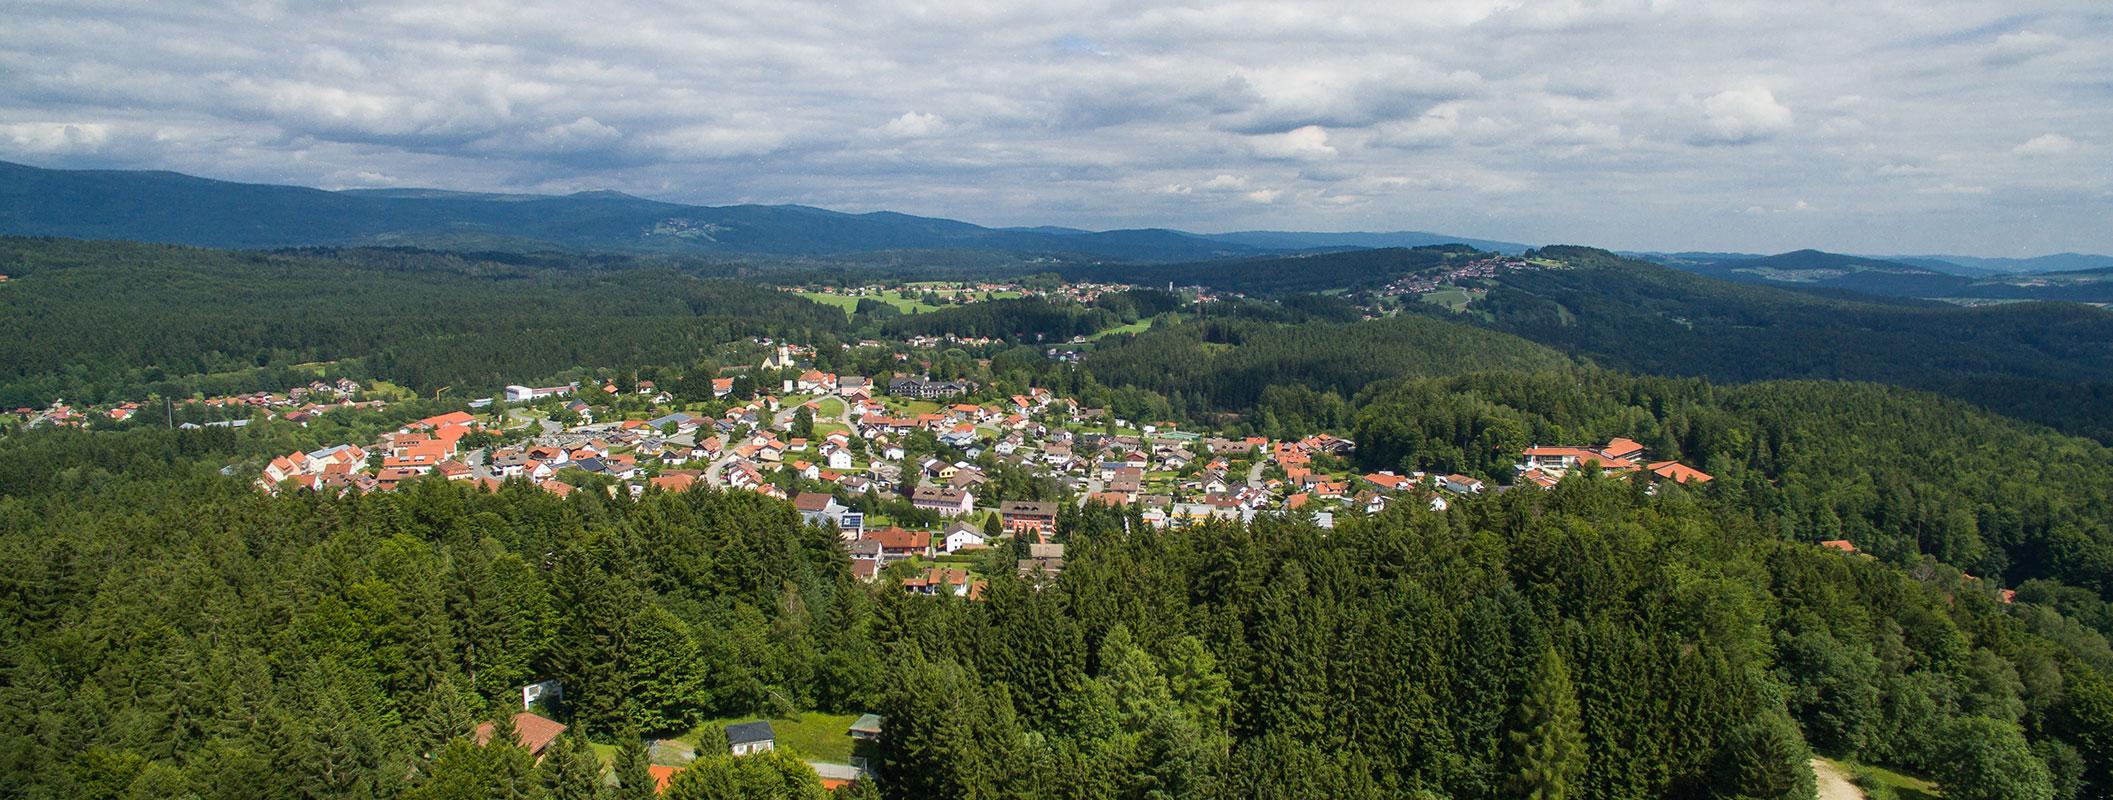 Dorf umgeben von Wäldern und Wiesen